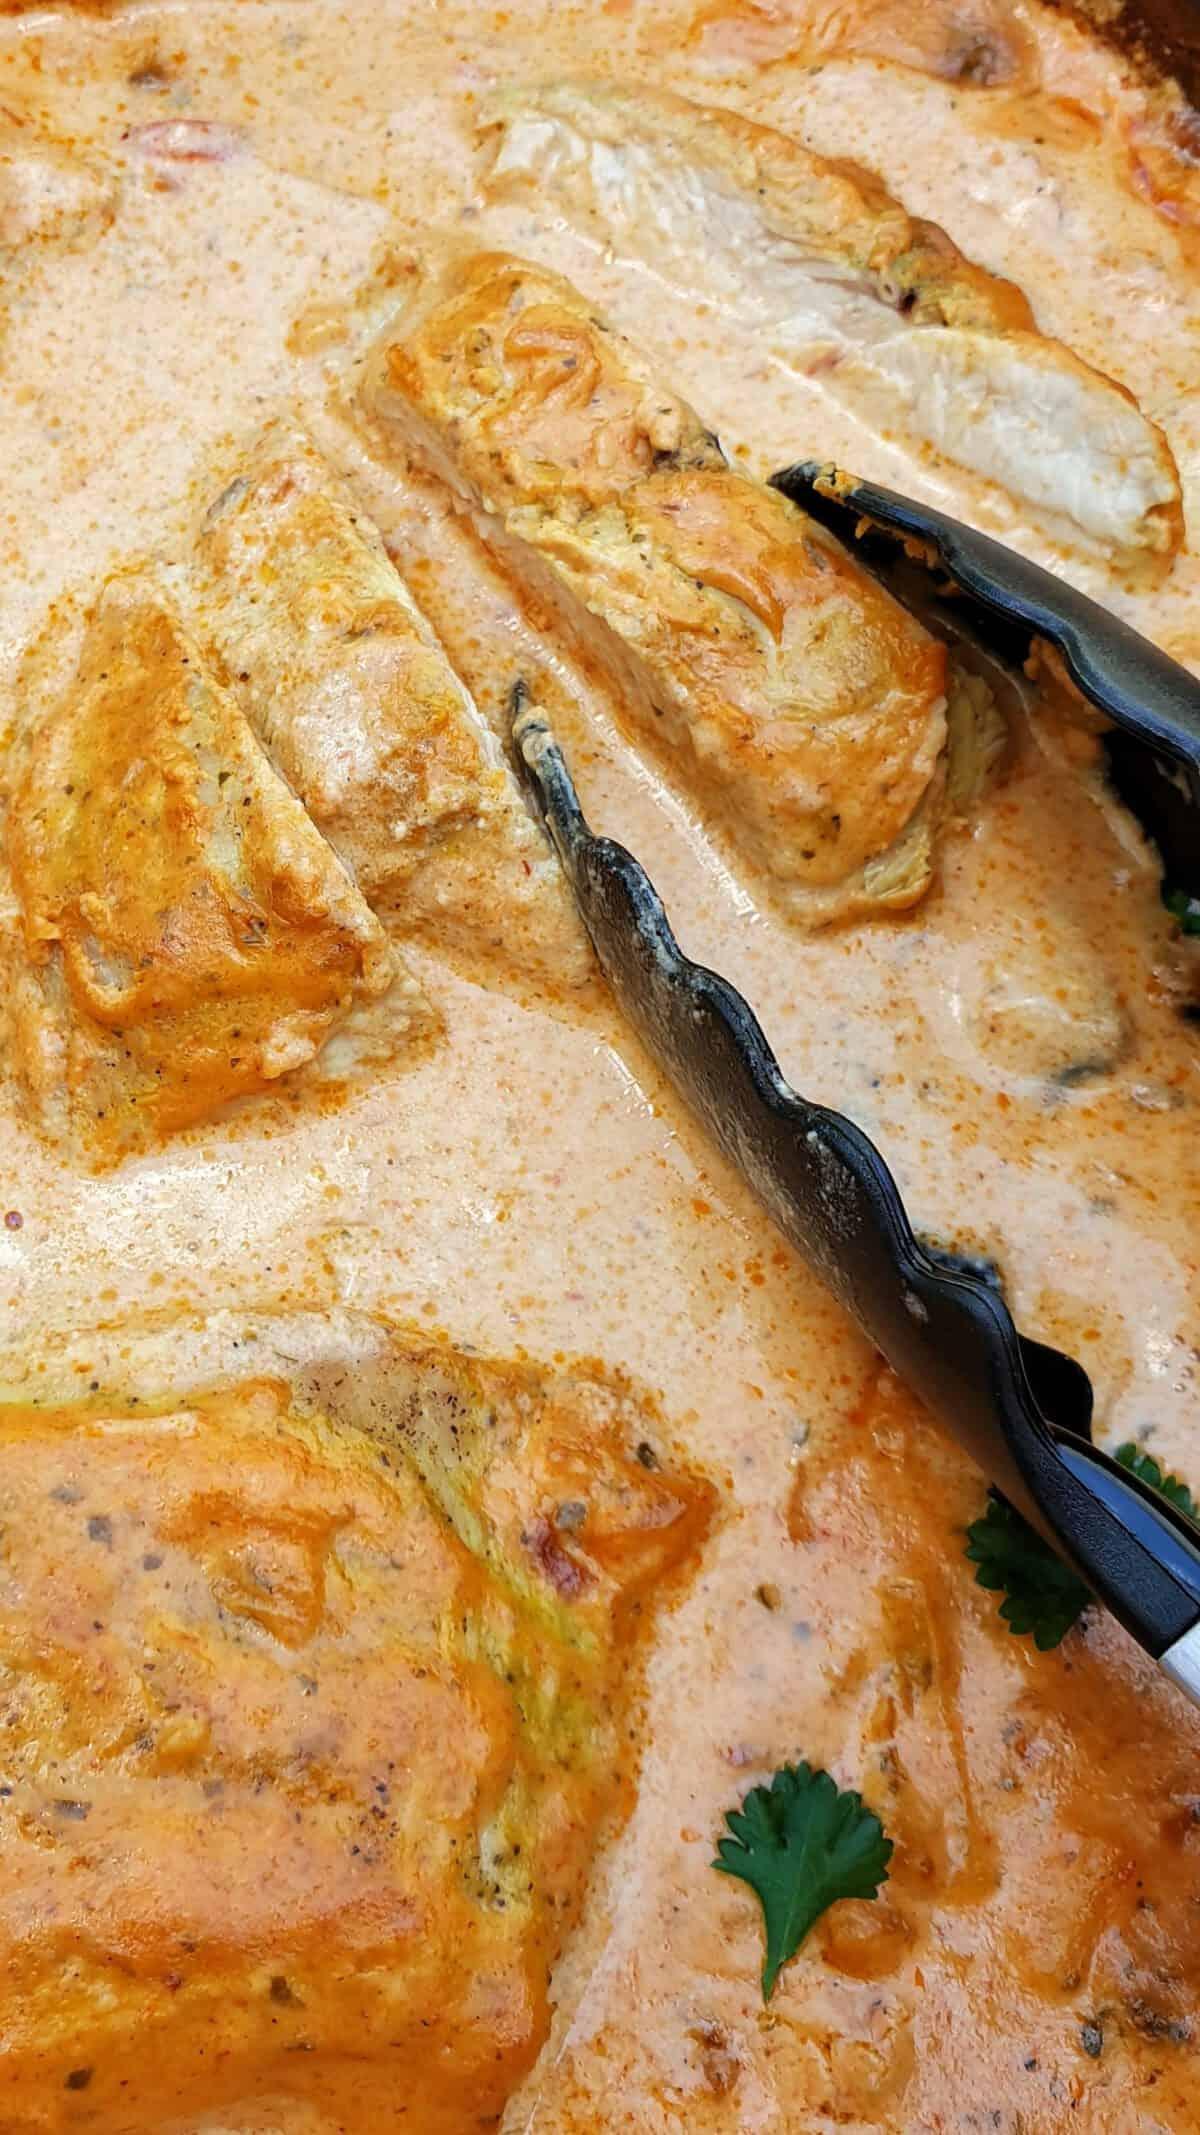 Geschnittene Putenbrust aus dem Ofen mit Soße angerichtet mit Petersilie in eine dunklen Auflaufform.